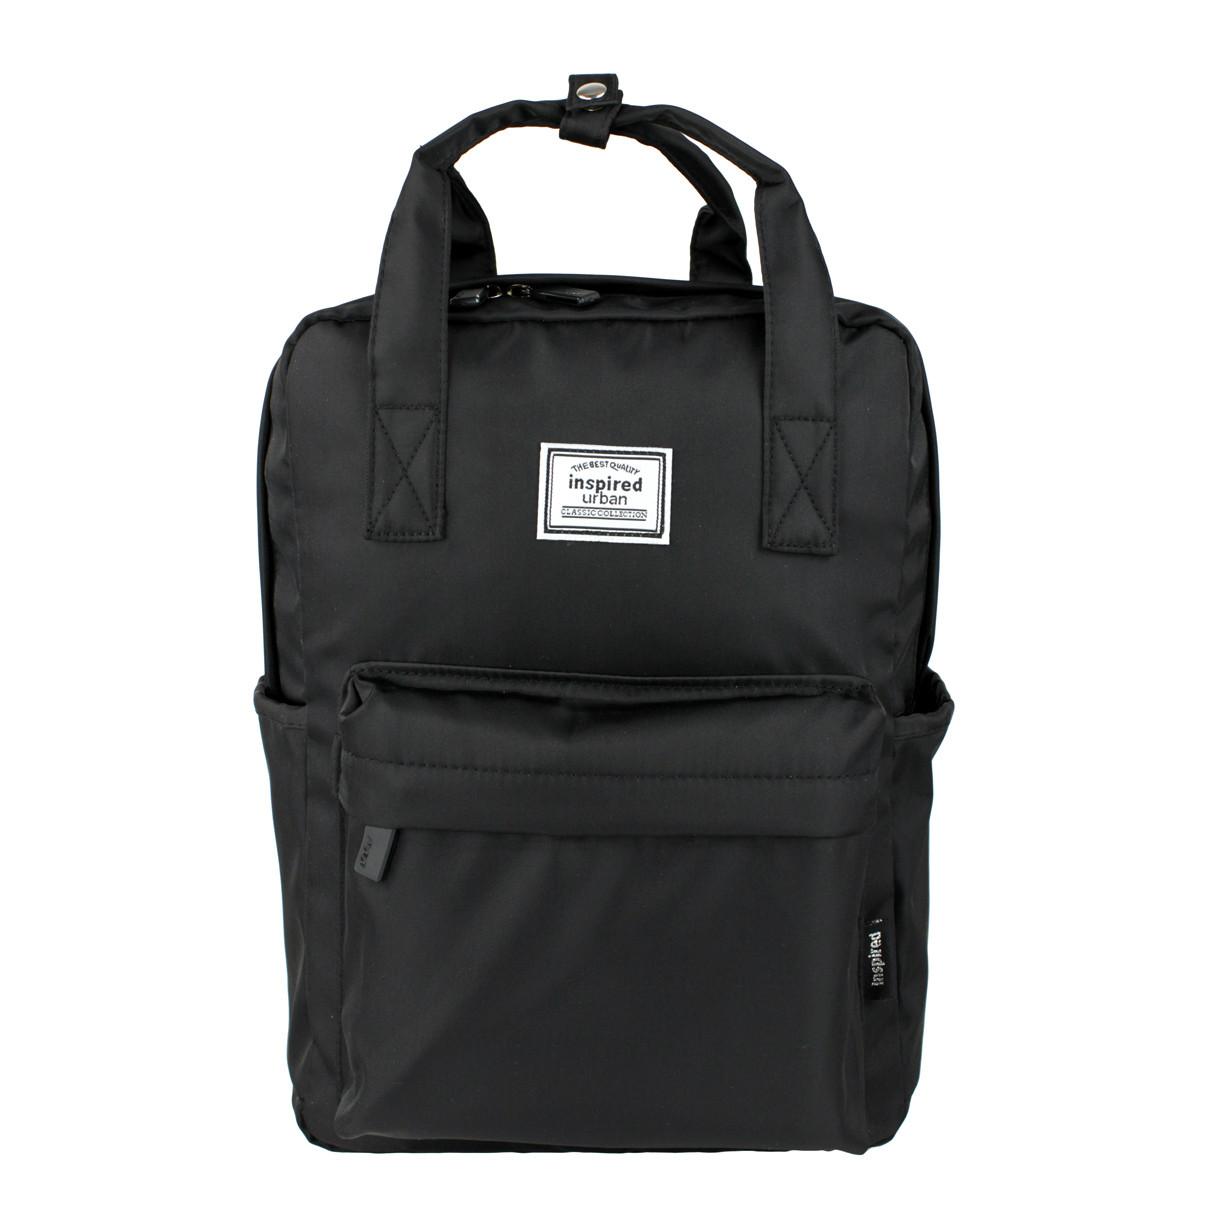 Рюкзак-сумка шкільний молодіжний тканинний Inspired чорний